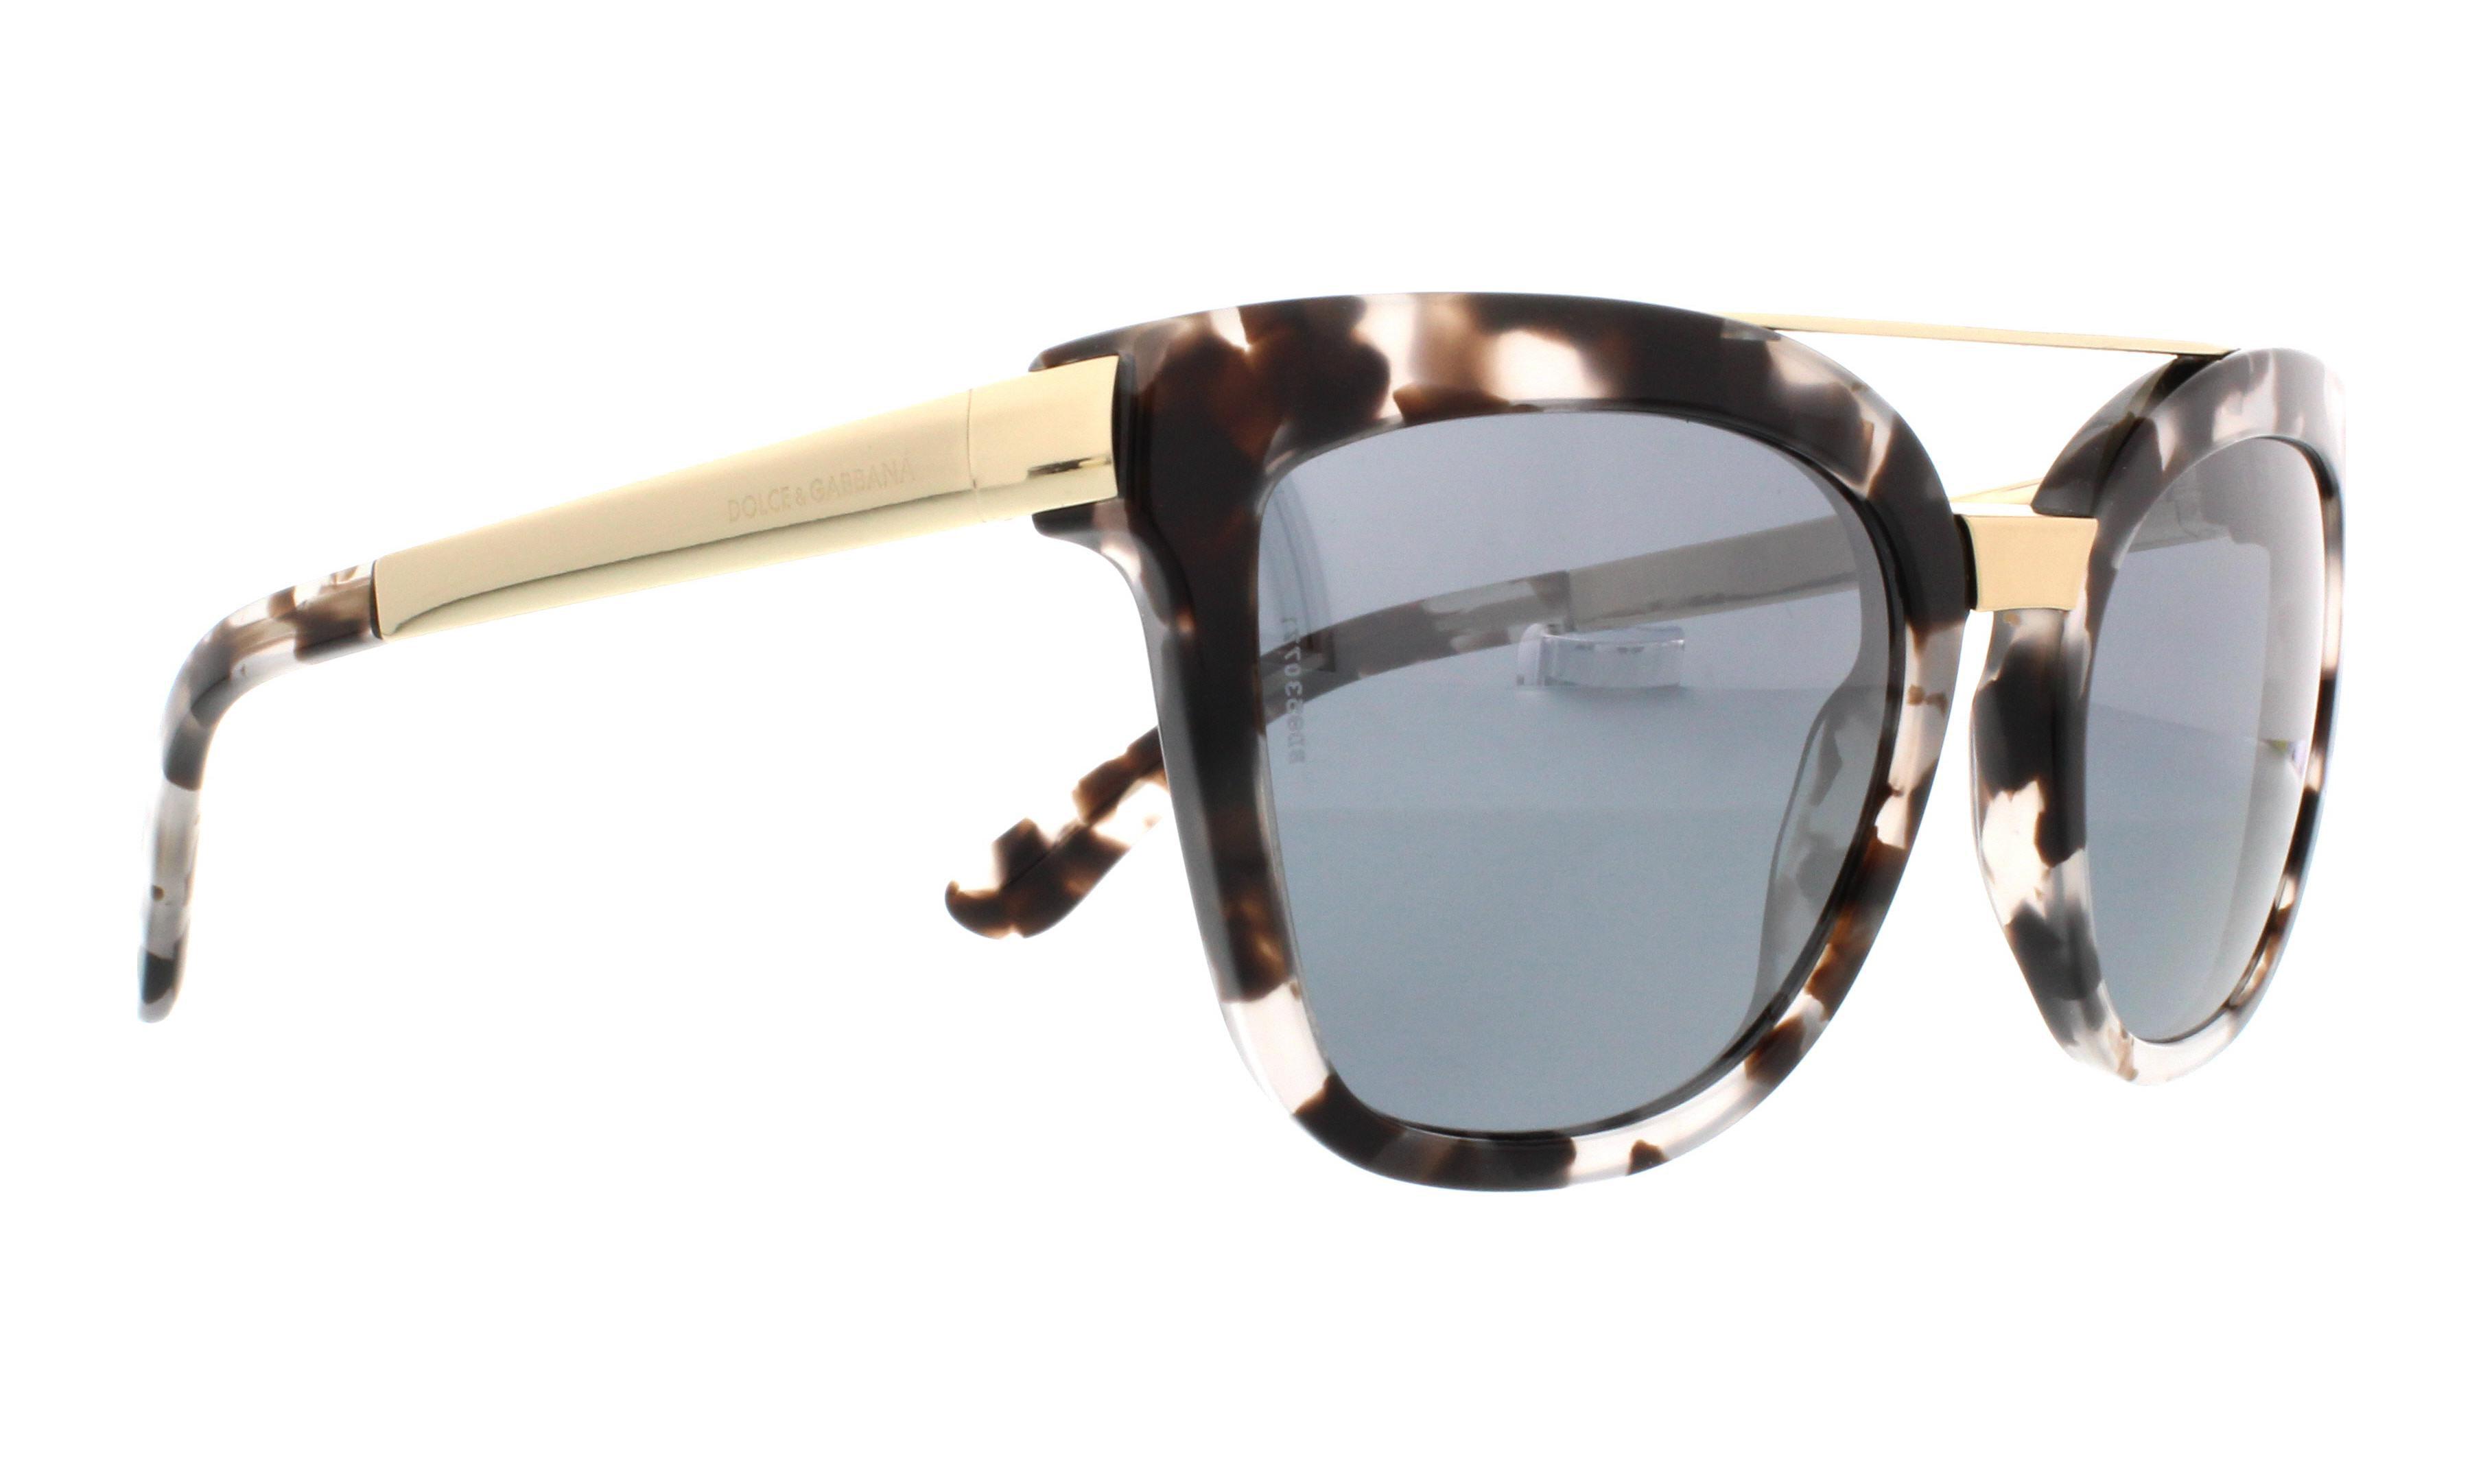 3b737a017c3 DOLCE   GABBANA - DOLCE   GABBANA Sunglasses DG 4269 28886G Cube Havana Fog  54MM - Walmart.com